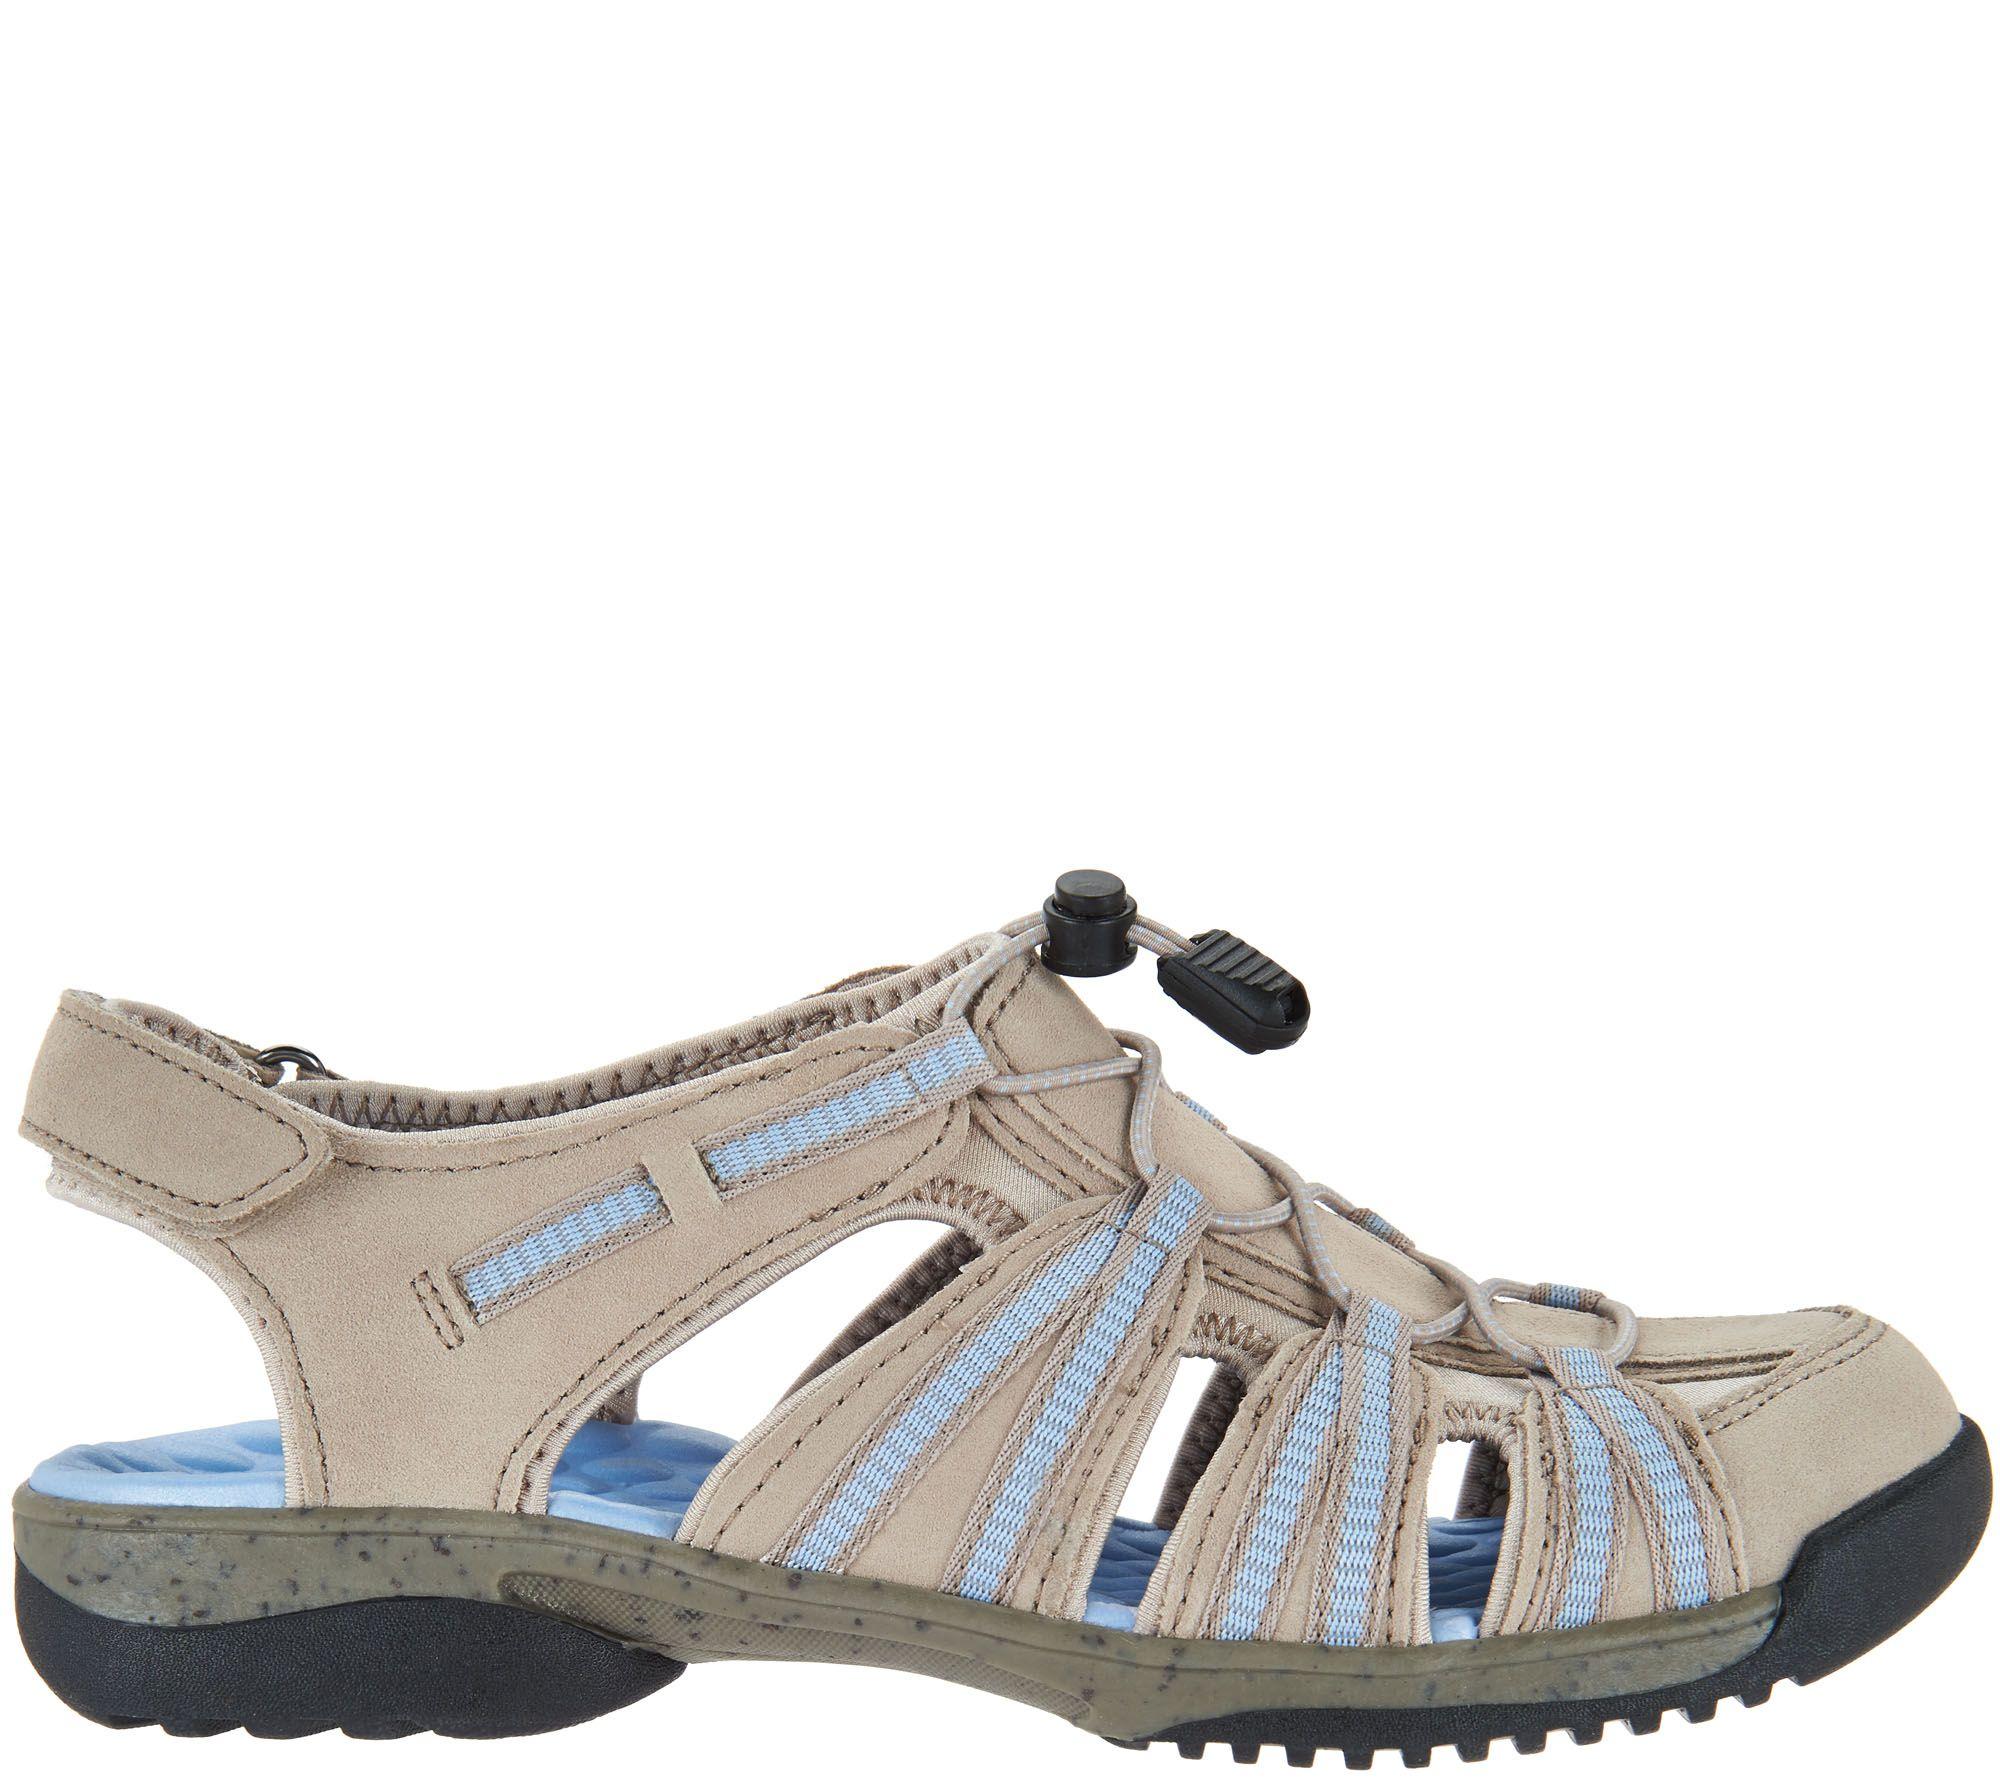 96a5792b13d3 Clarks Adjustable Fisherman Sandals - Tuvia Madee - Page 1 — QVC.com